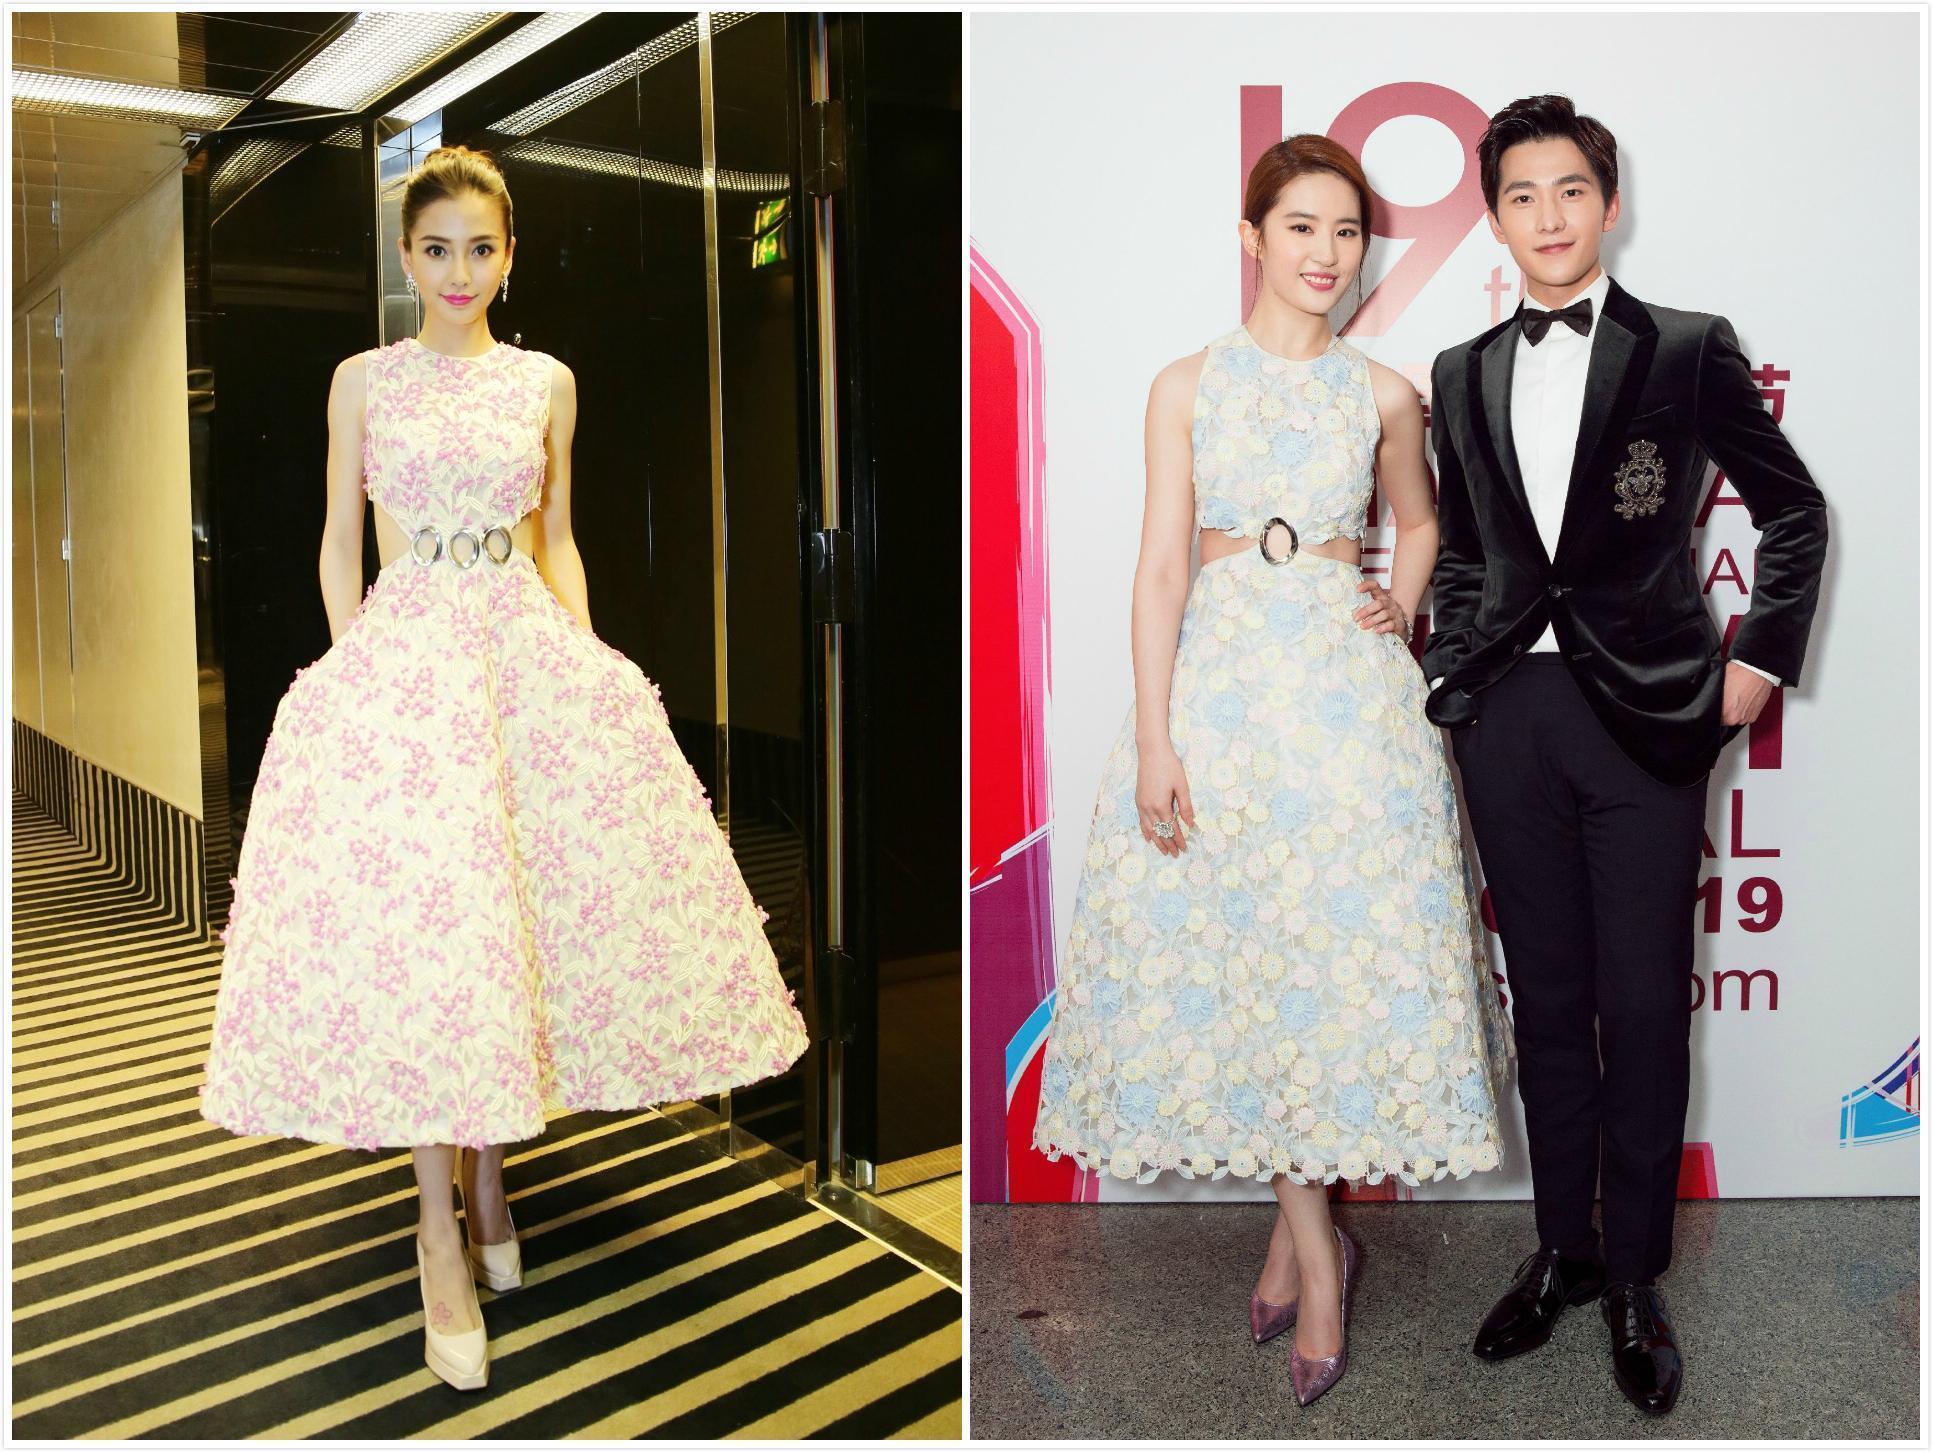 刘亦菲、baby撞衫5条Dior裙子!baby赢在骨架,刘亦菲只能靠肤色了-第3张图片